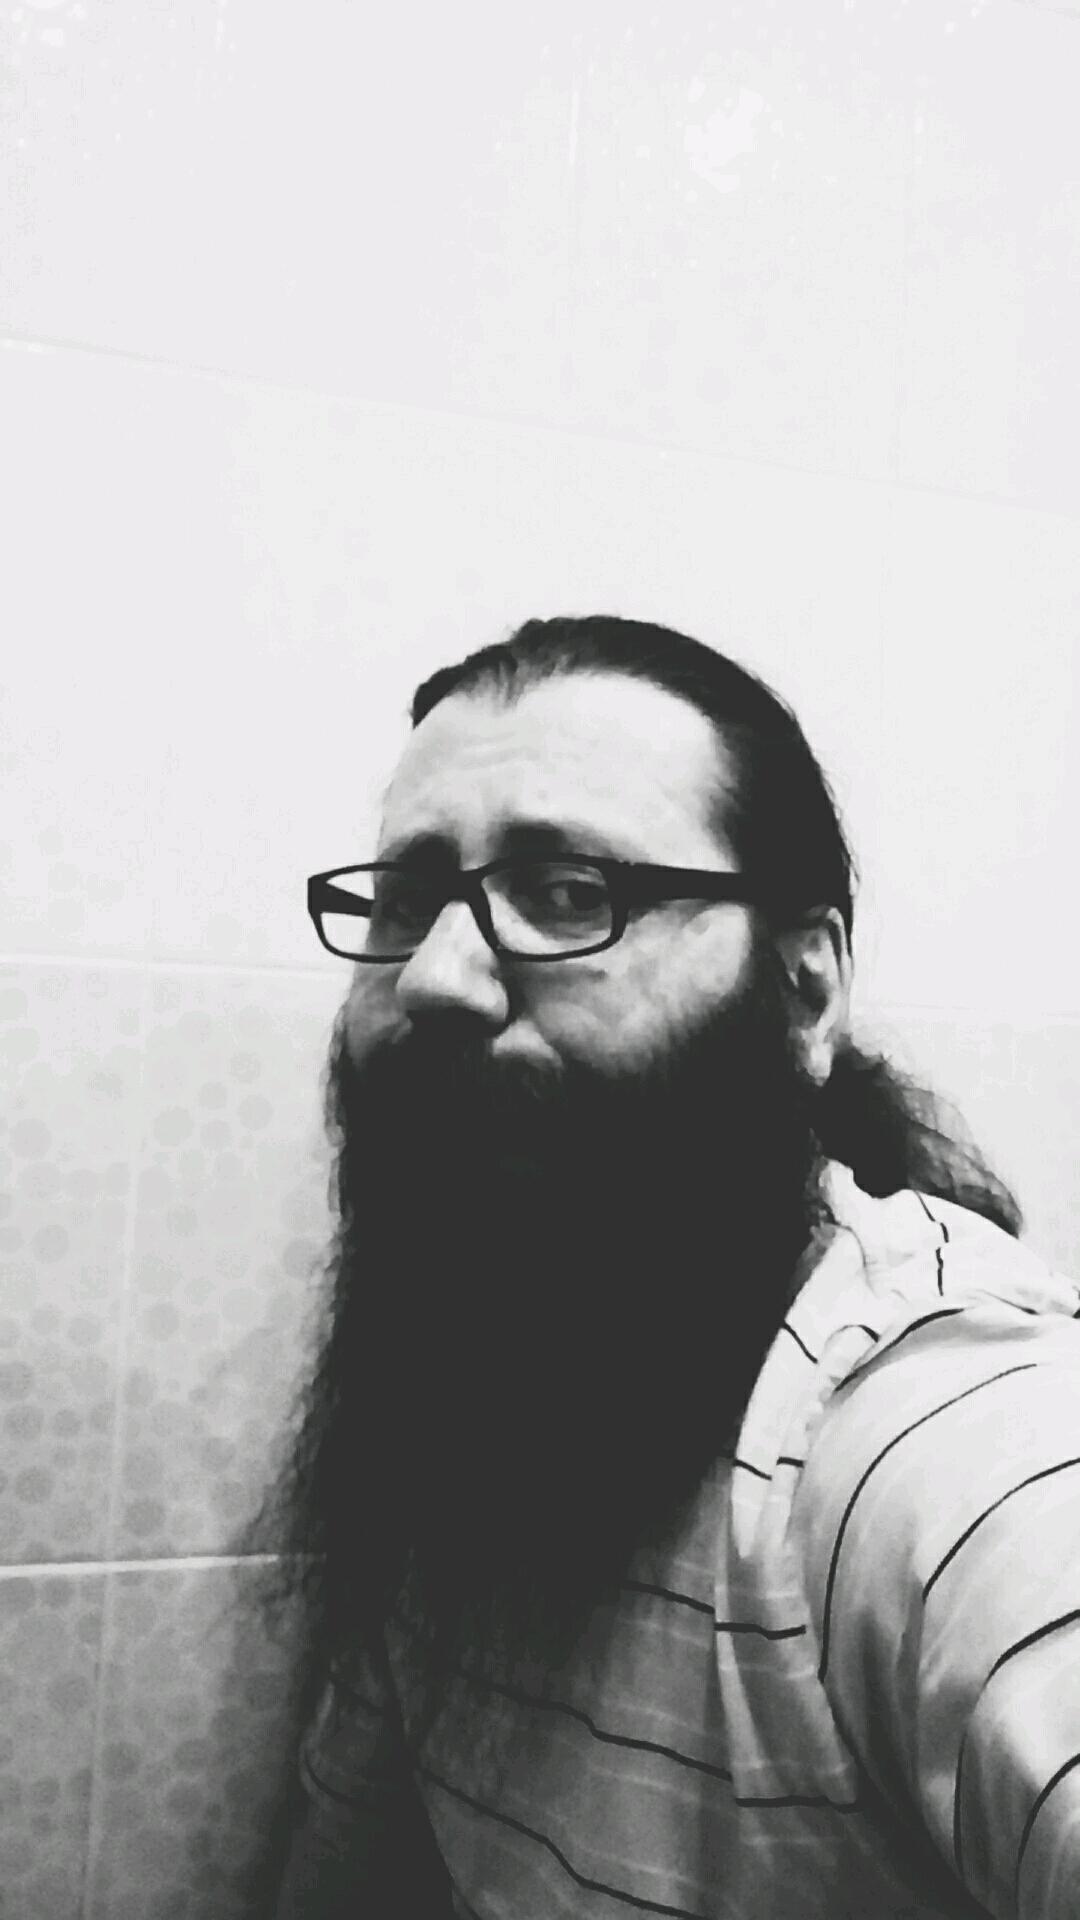 Подровнять бороду немношк надо